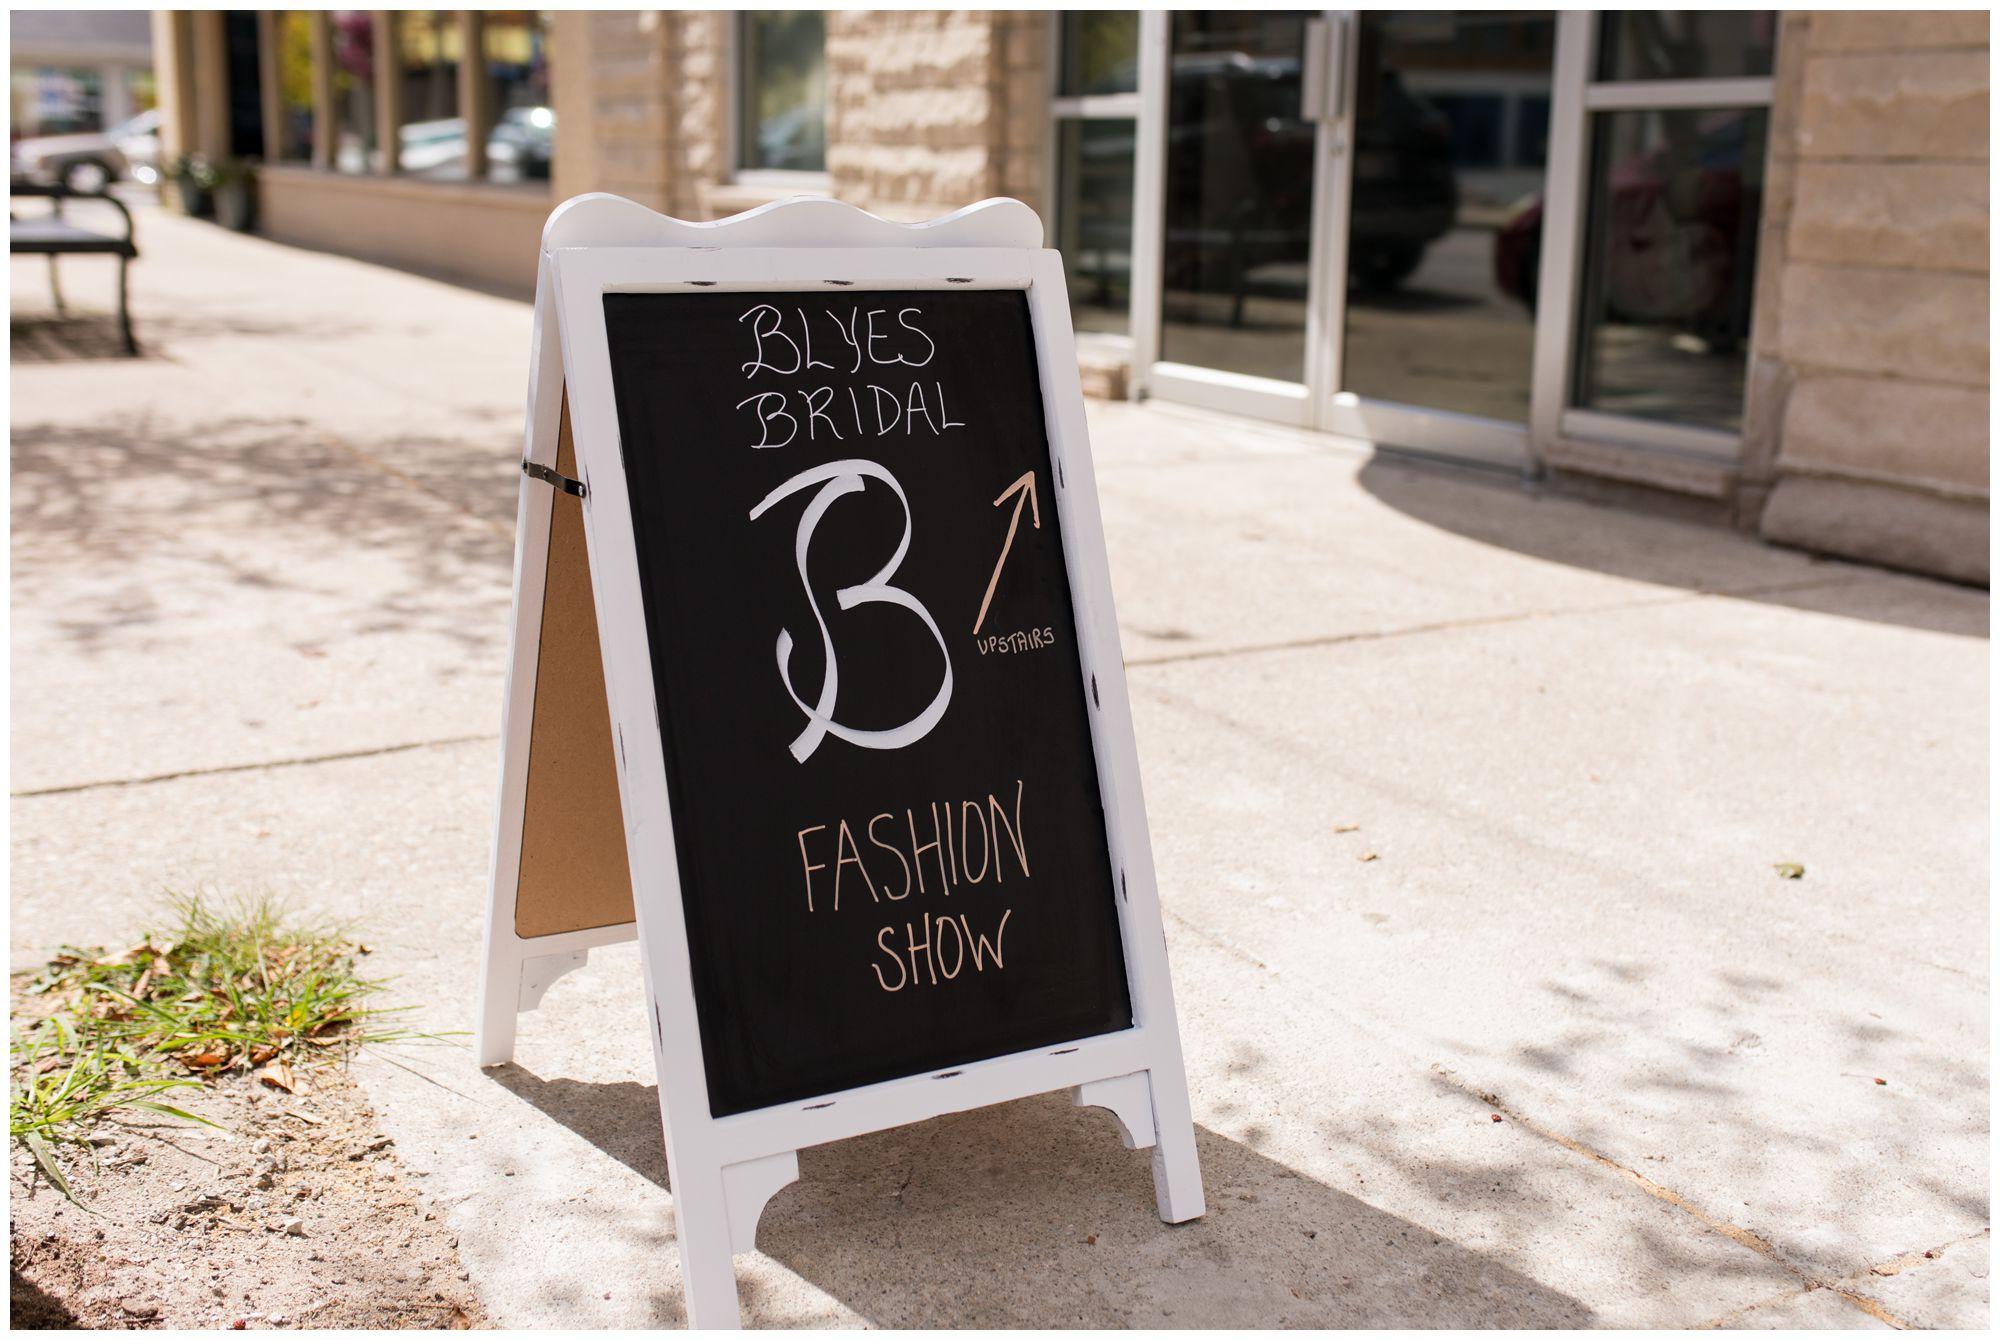 Blye's Bridal fashion show